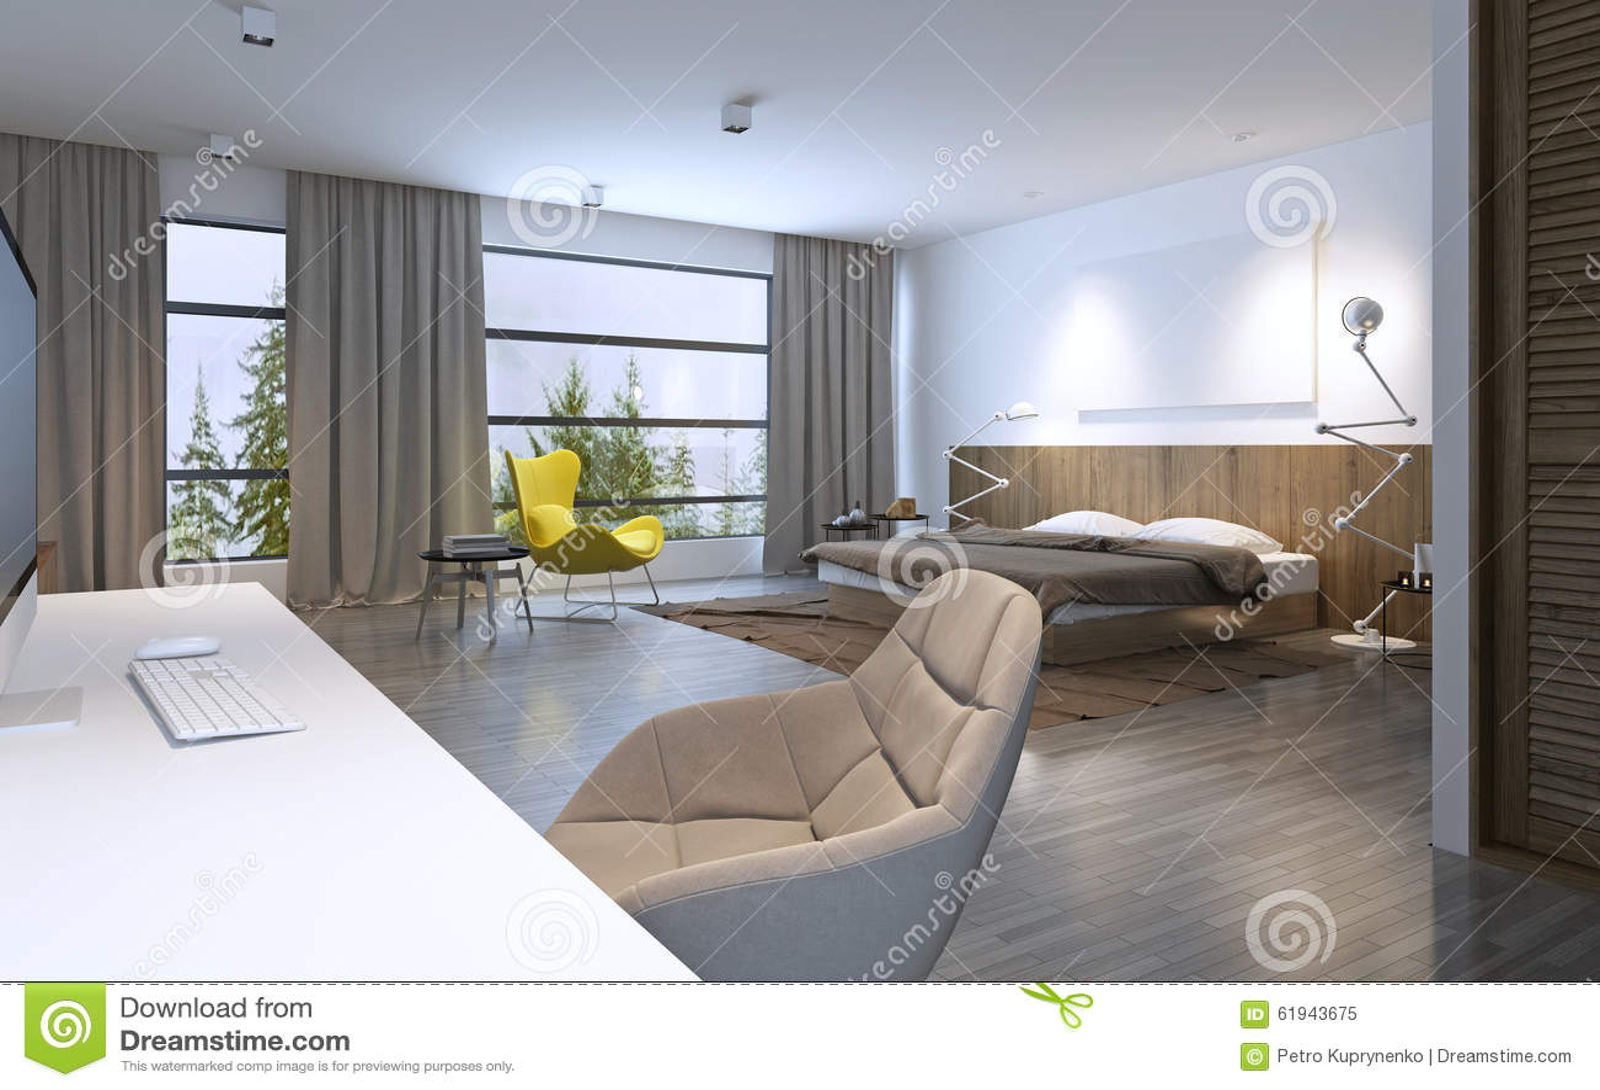 Ruime slaapkamer moderne stijl stock illustratie afbeelding 61943675 - Slaapkamer stijl ...